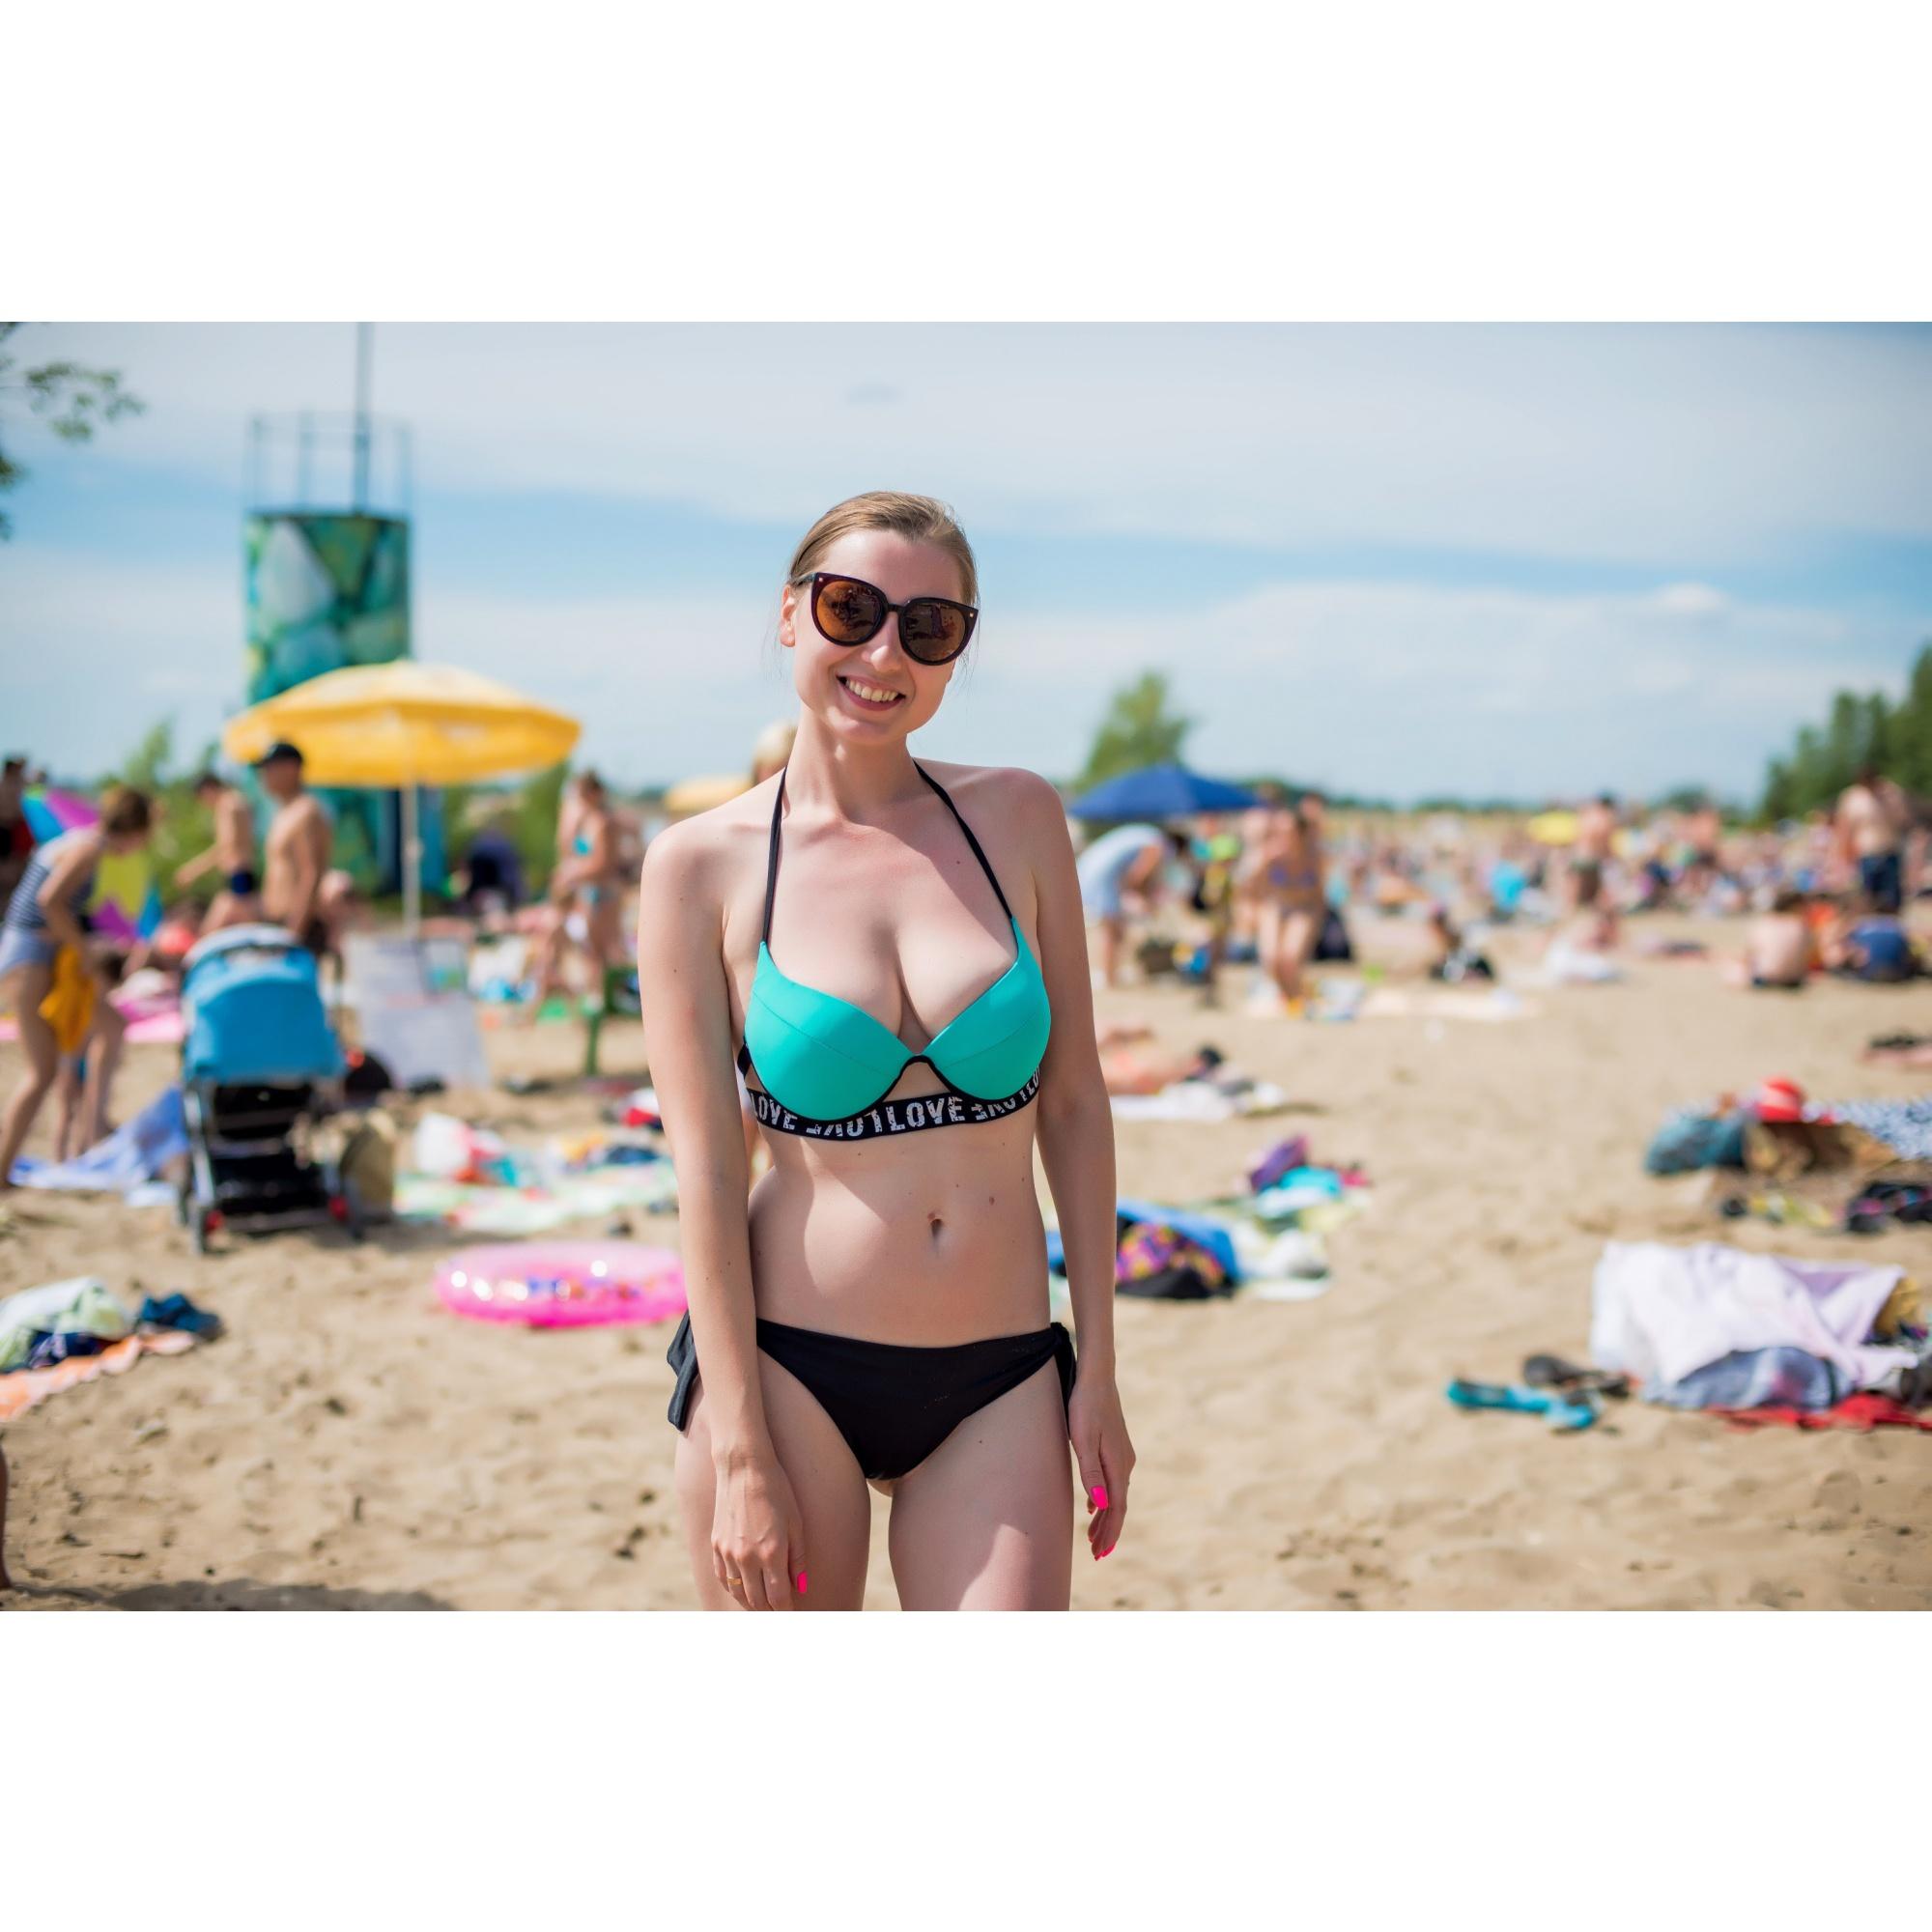 Большинство городских пляжей сделали парковку платной— стоит она от 100 до 300 рублей